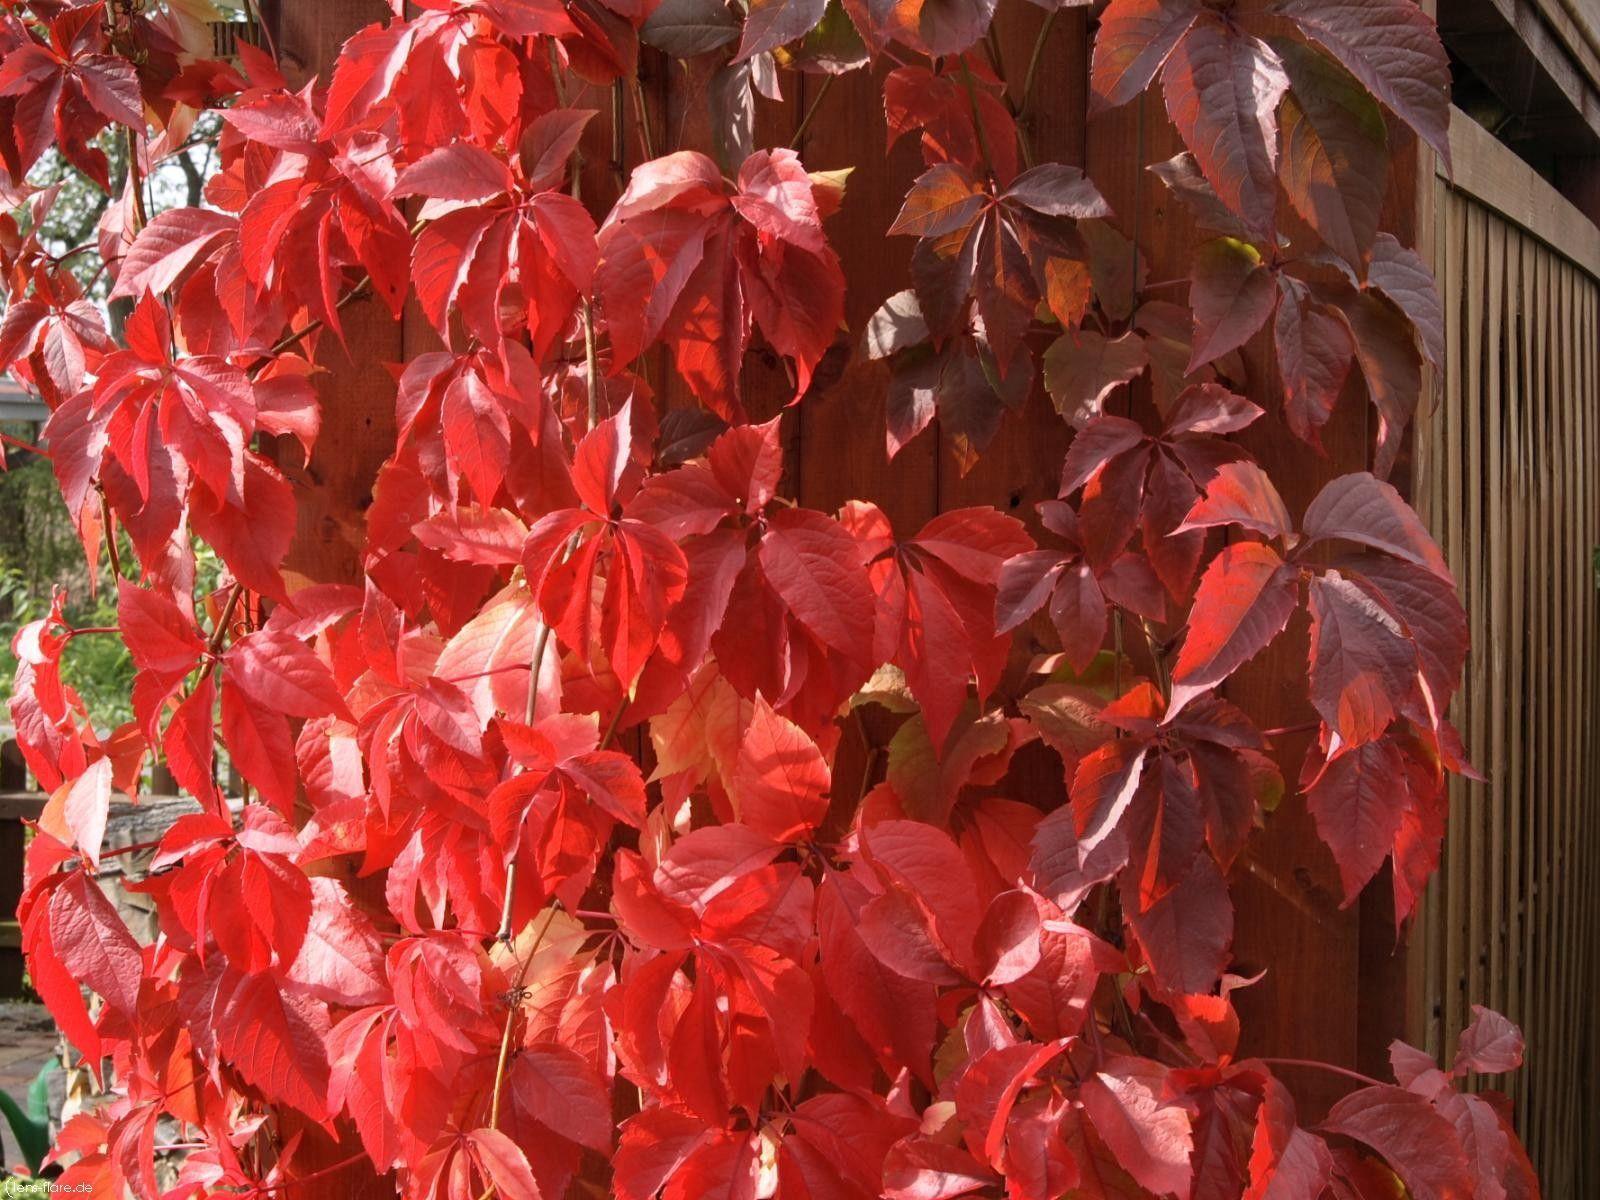 104246 скачать обои Природа, Листья, Изгородь, Растение, Забор - заставки и картинки бесплатно